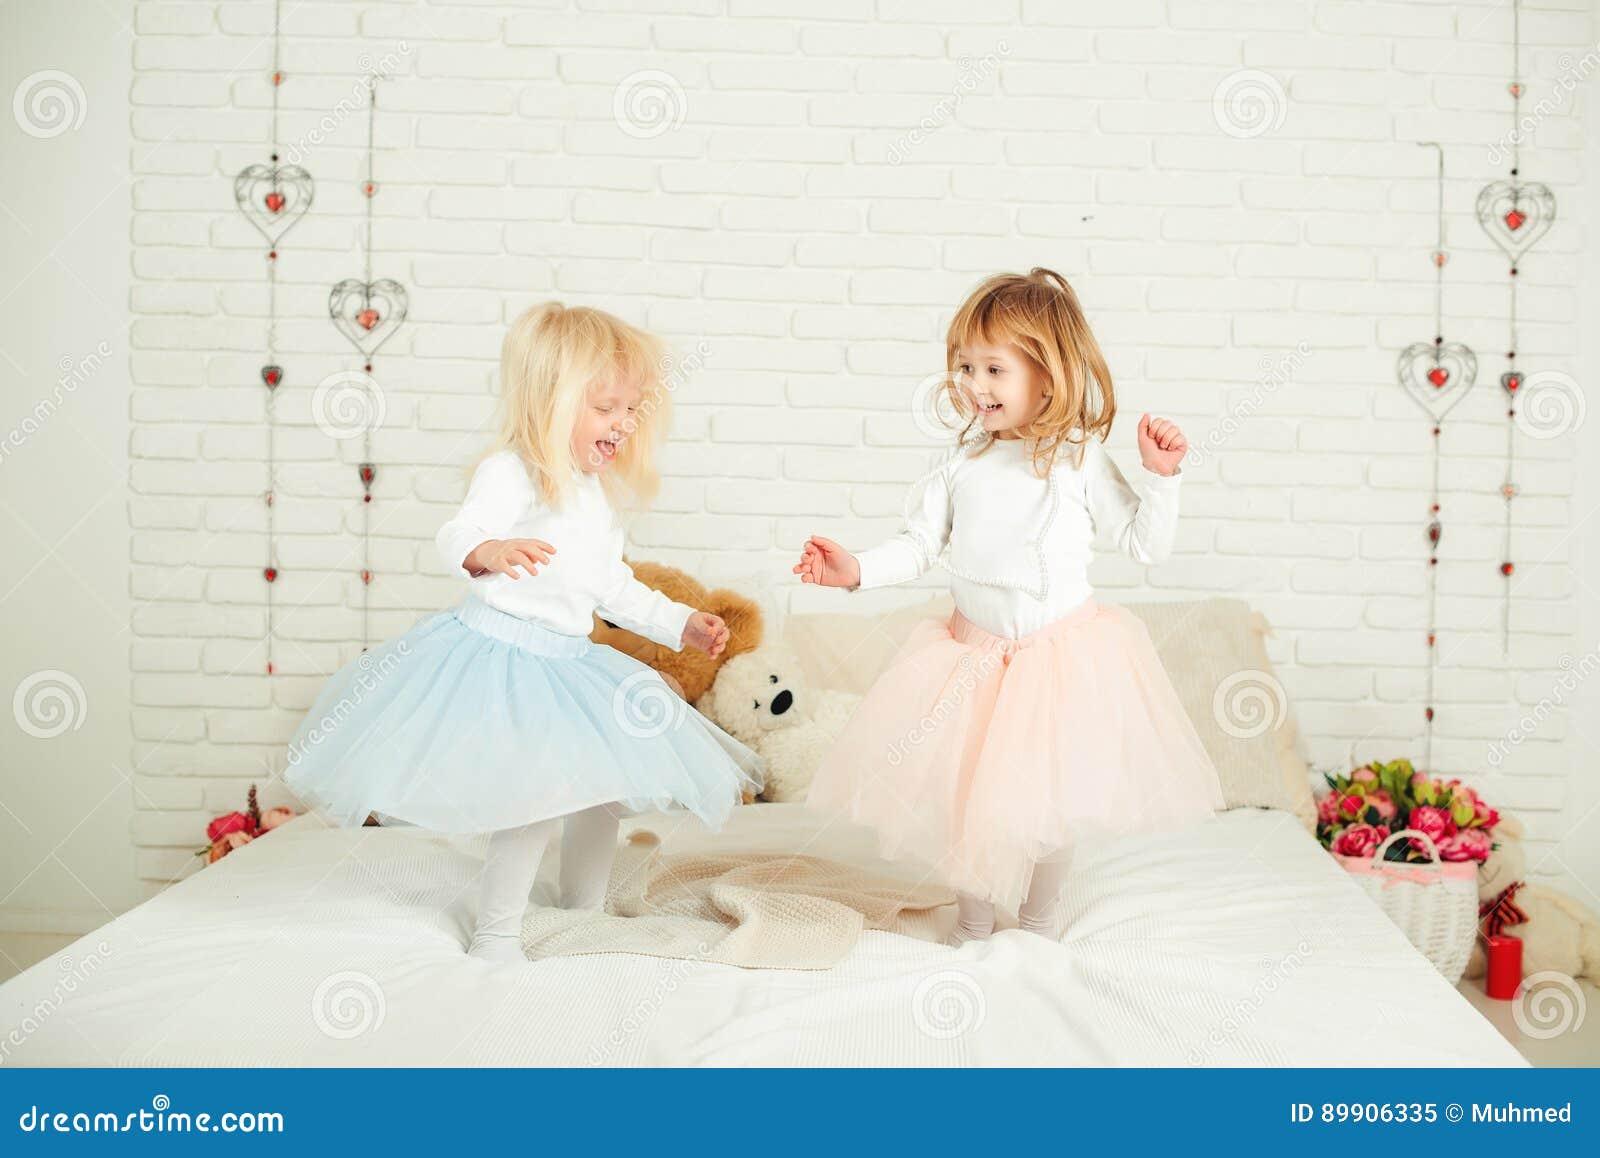 Två små flickor i trevliga klänningar i rolig banhoppning på en säng